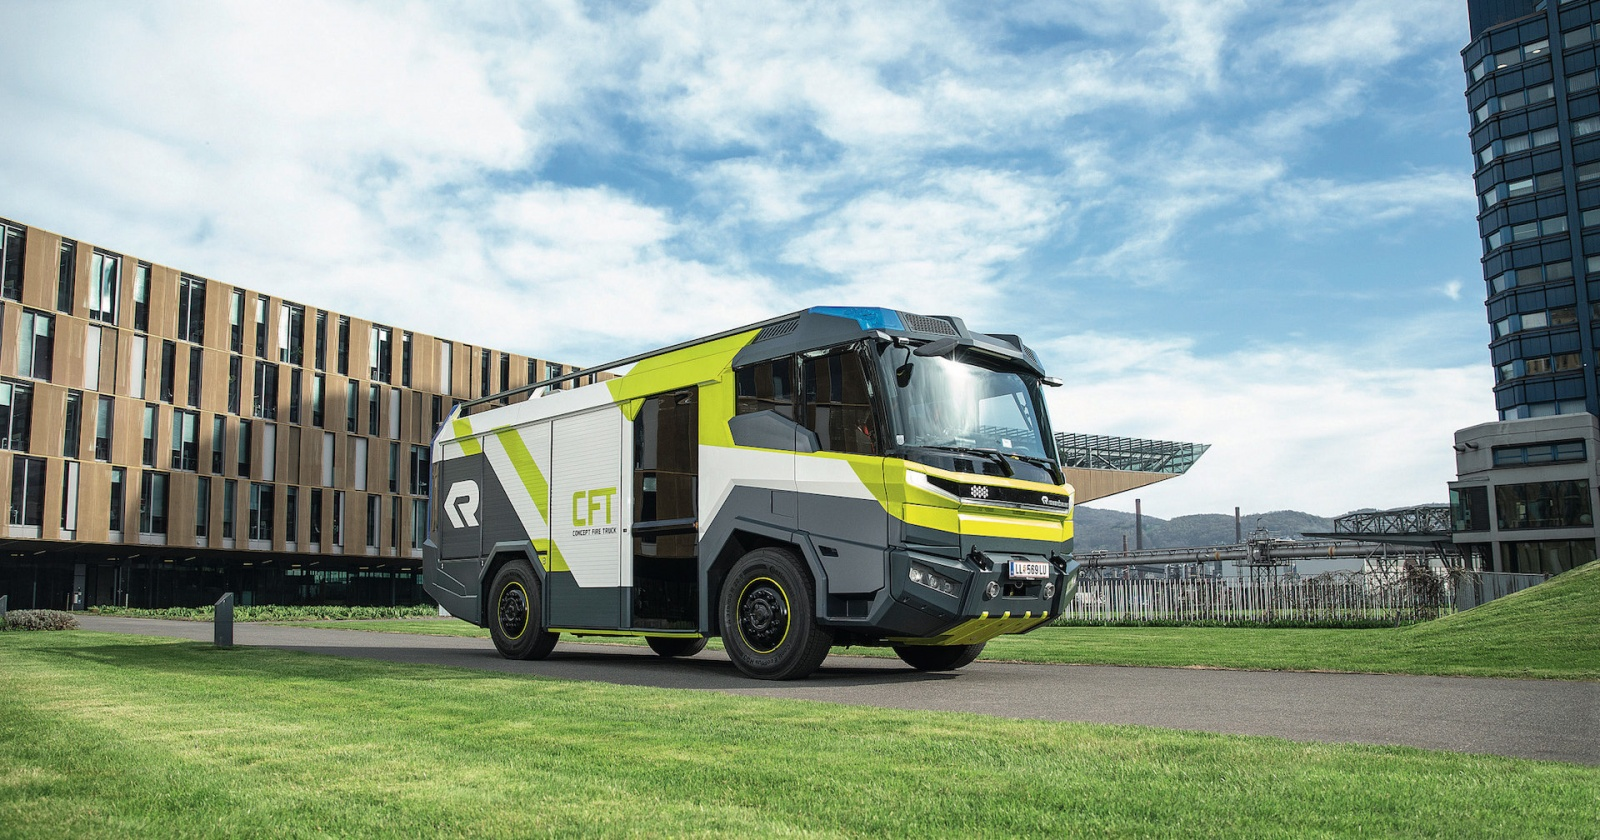 Ни дыма, ни огня: экологичный пожарный автобус